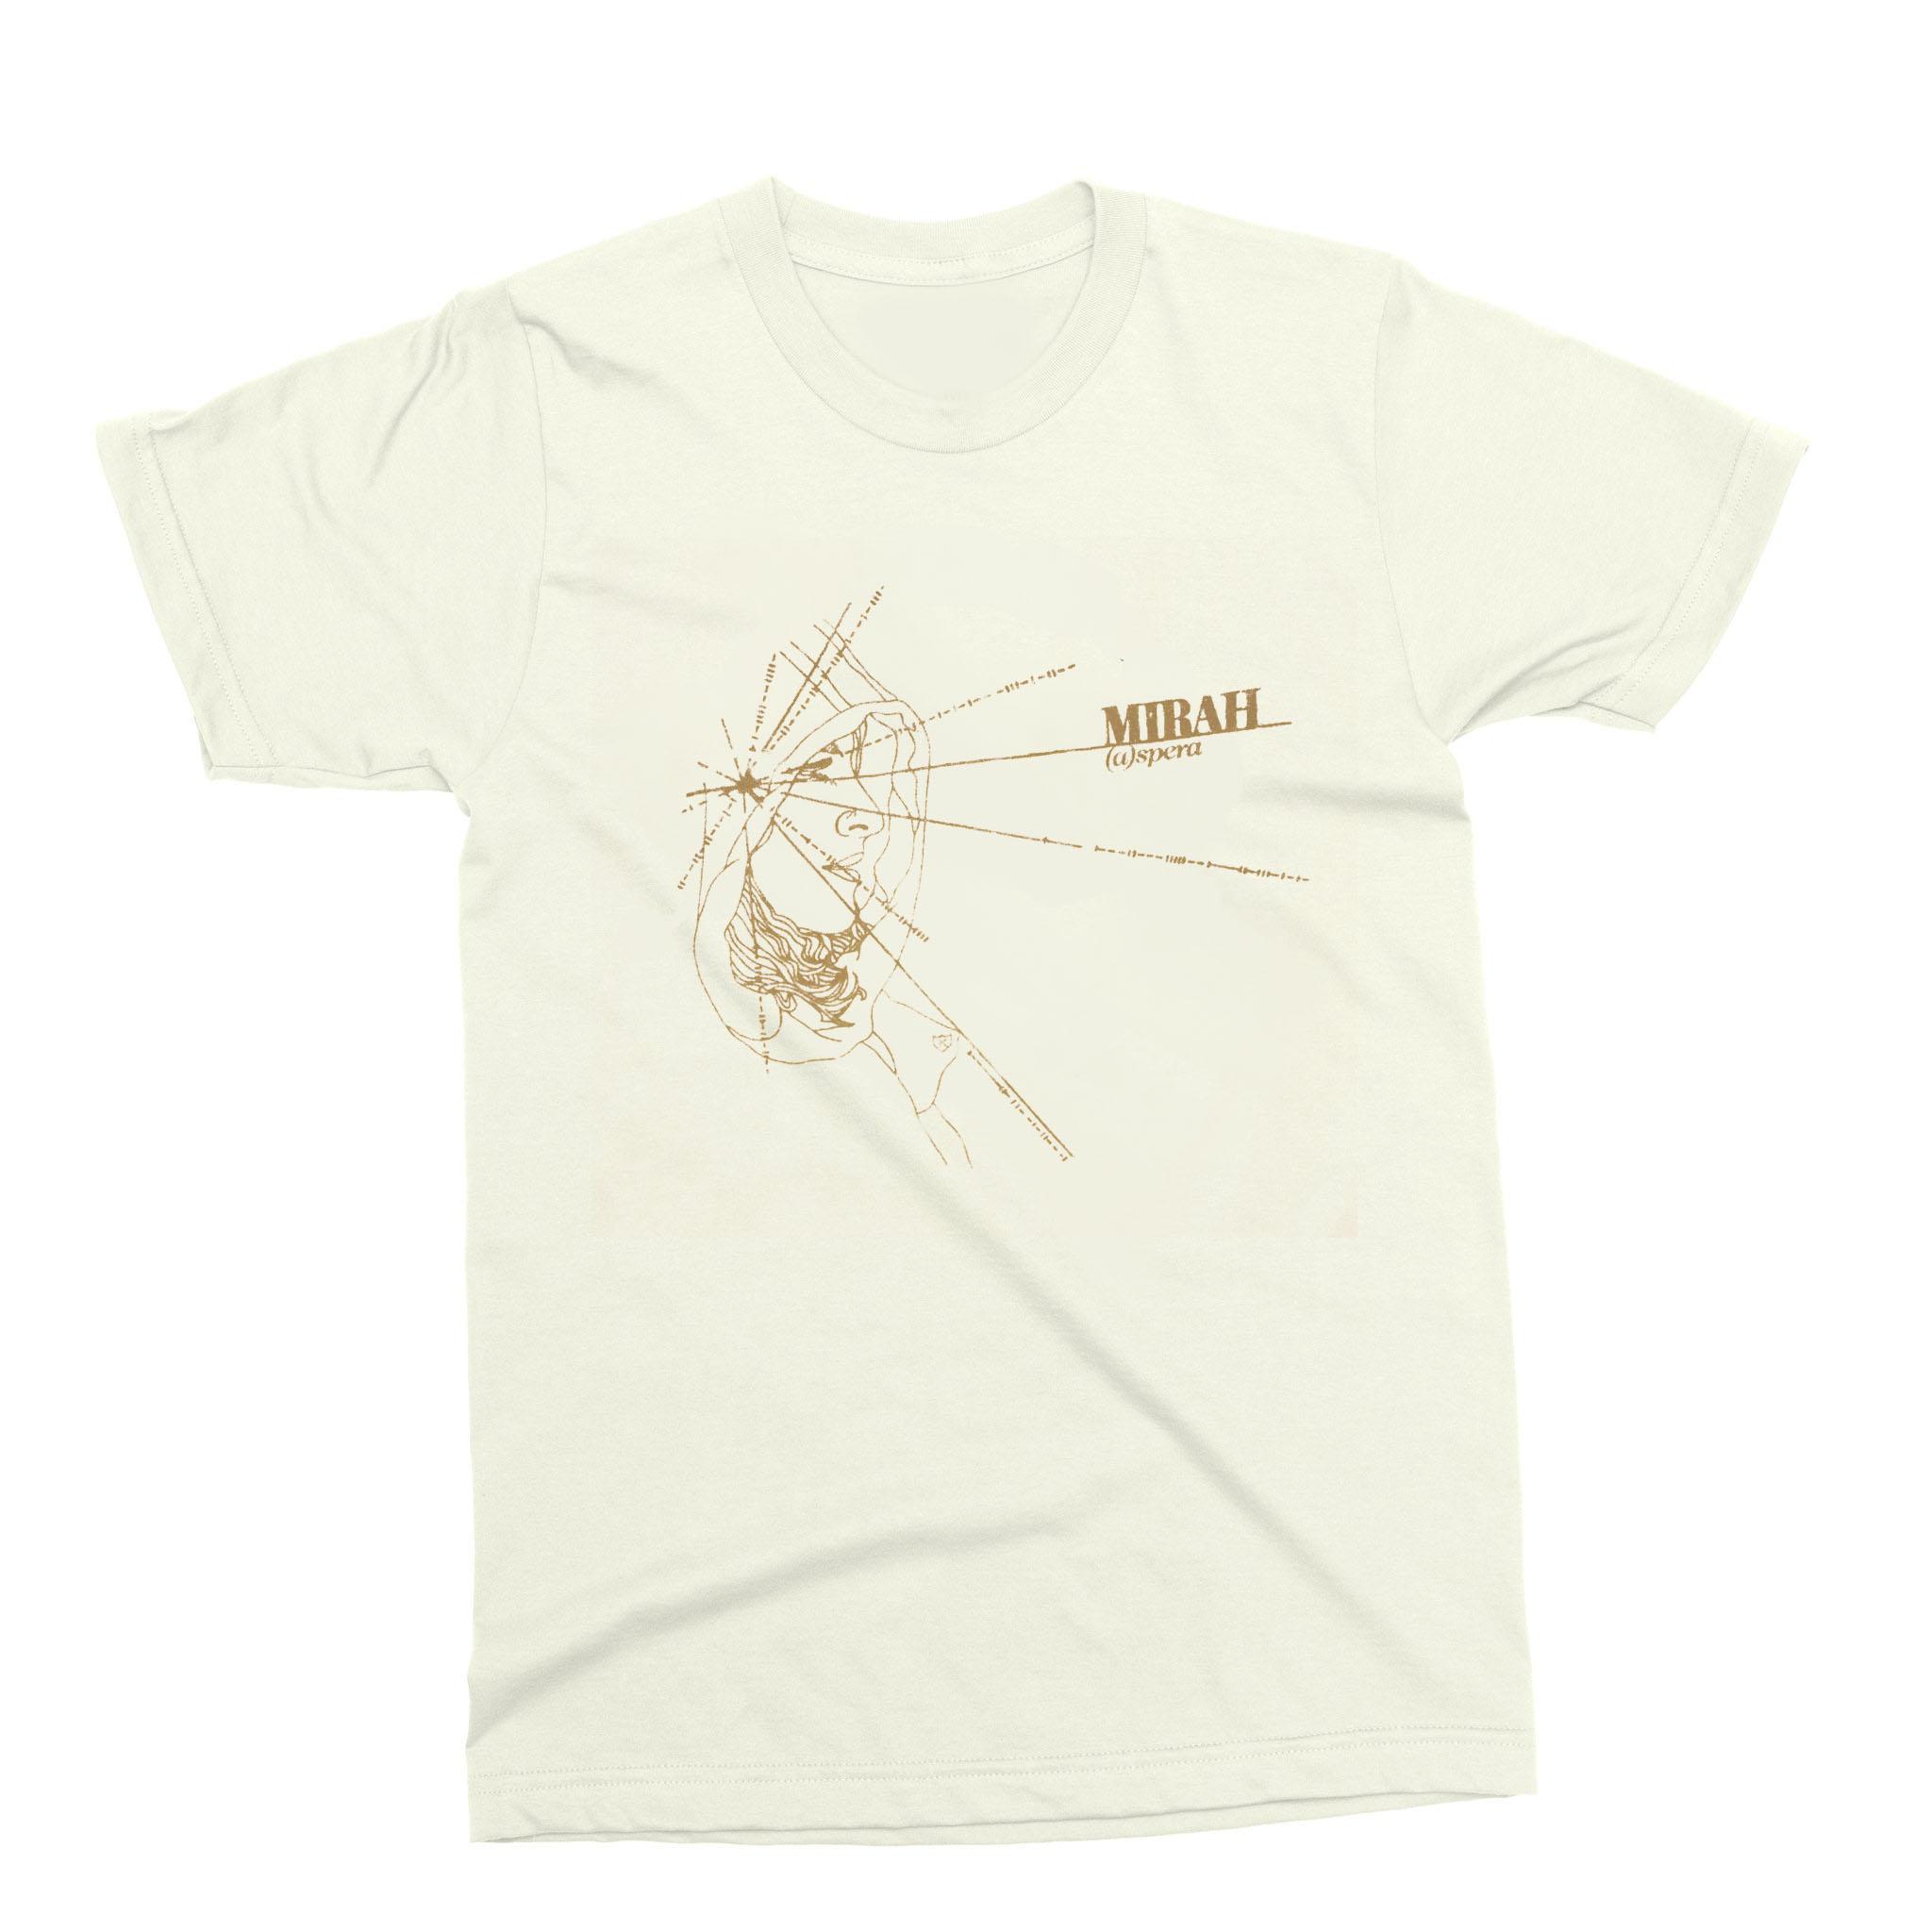 hight resolution of  a spera t shirt mirah